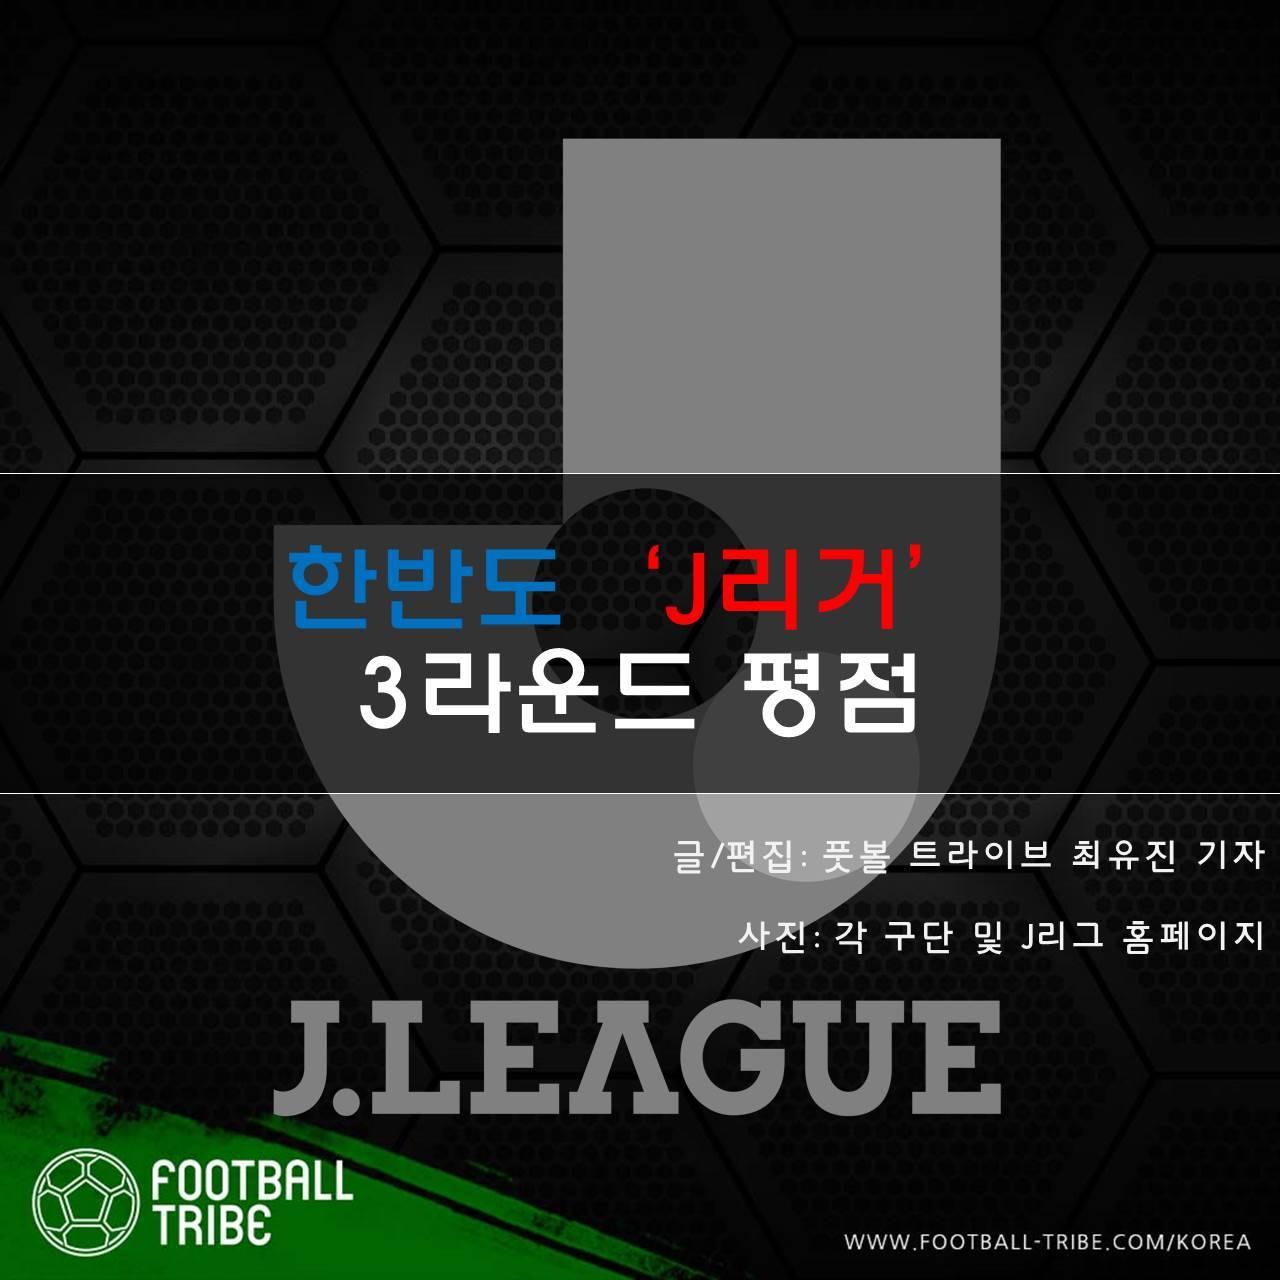 [카드 뉴스] 한반도 'J리거' 3라운드 평점